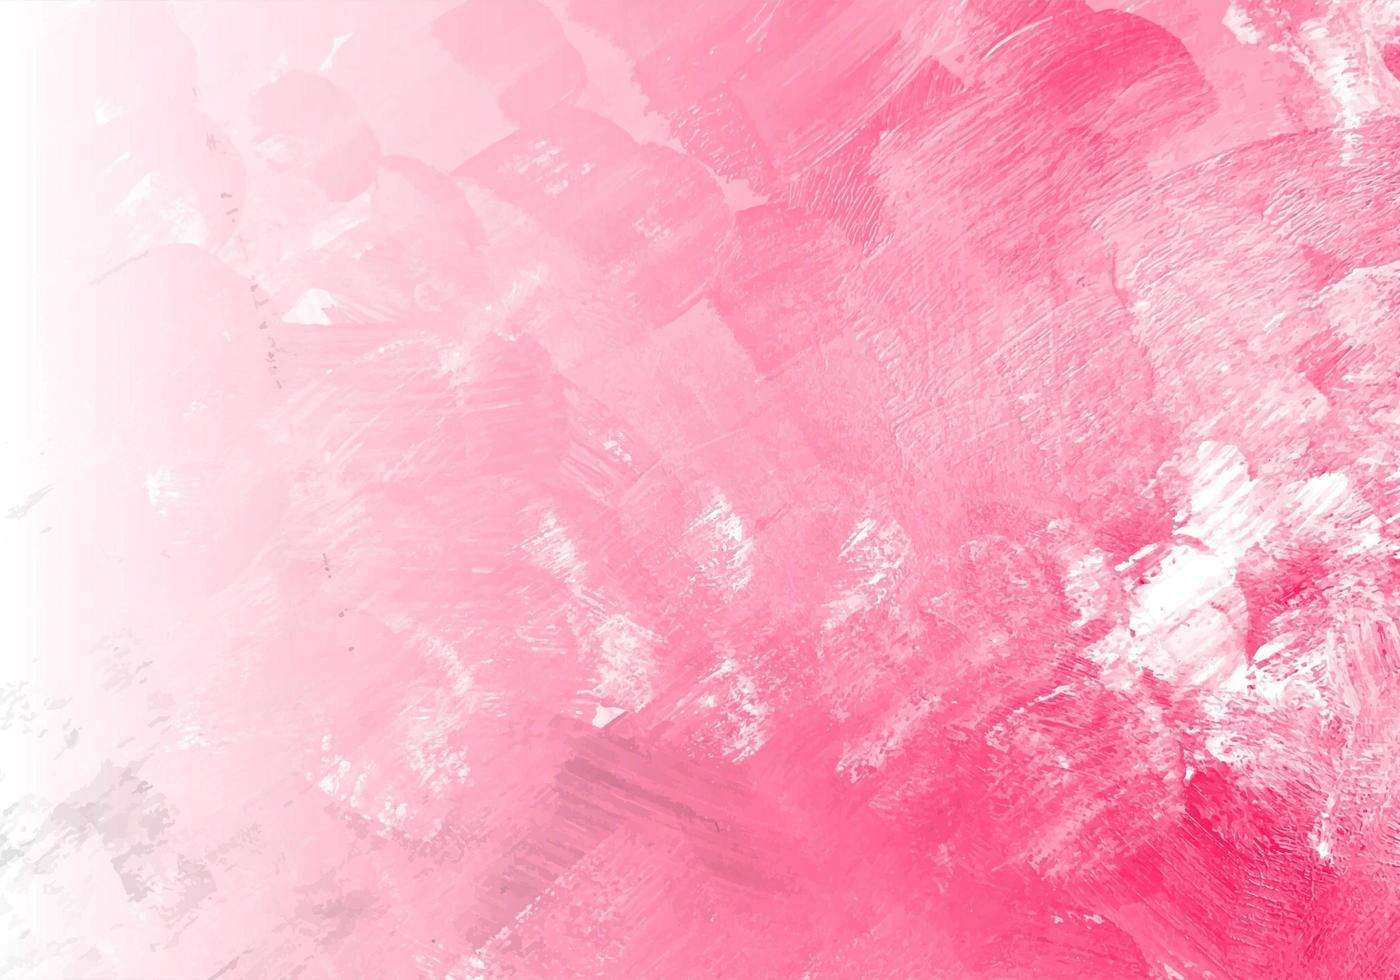 texture aquarelle rose abstraite vecteur